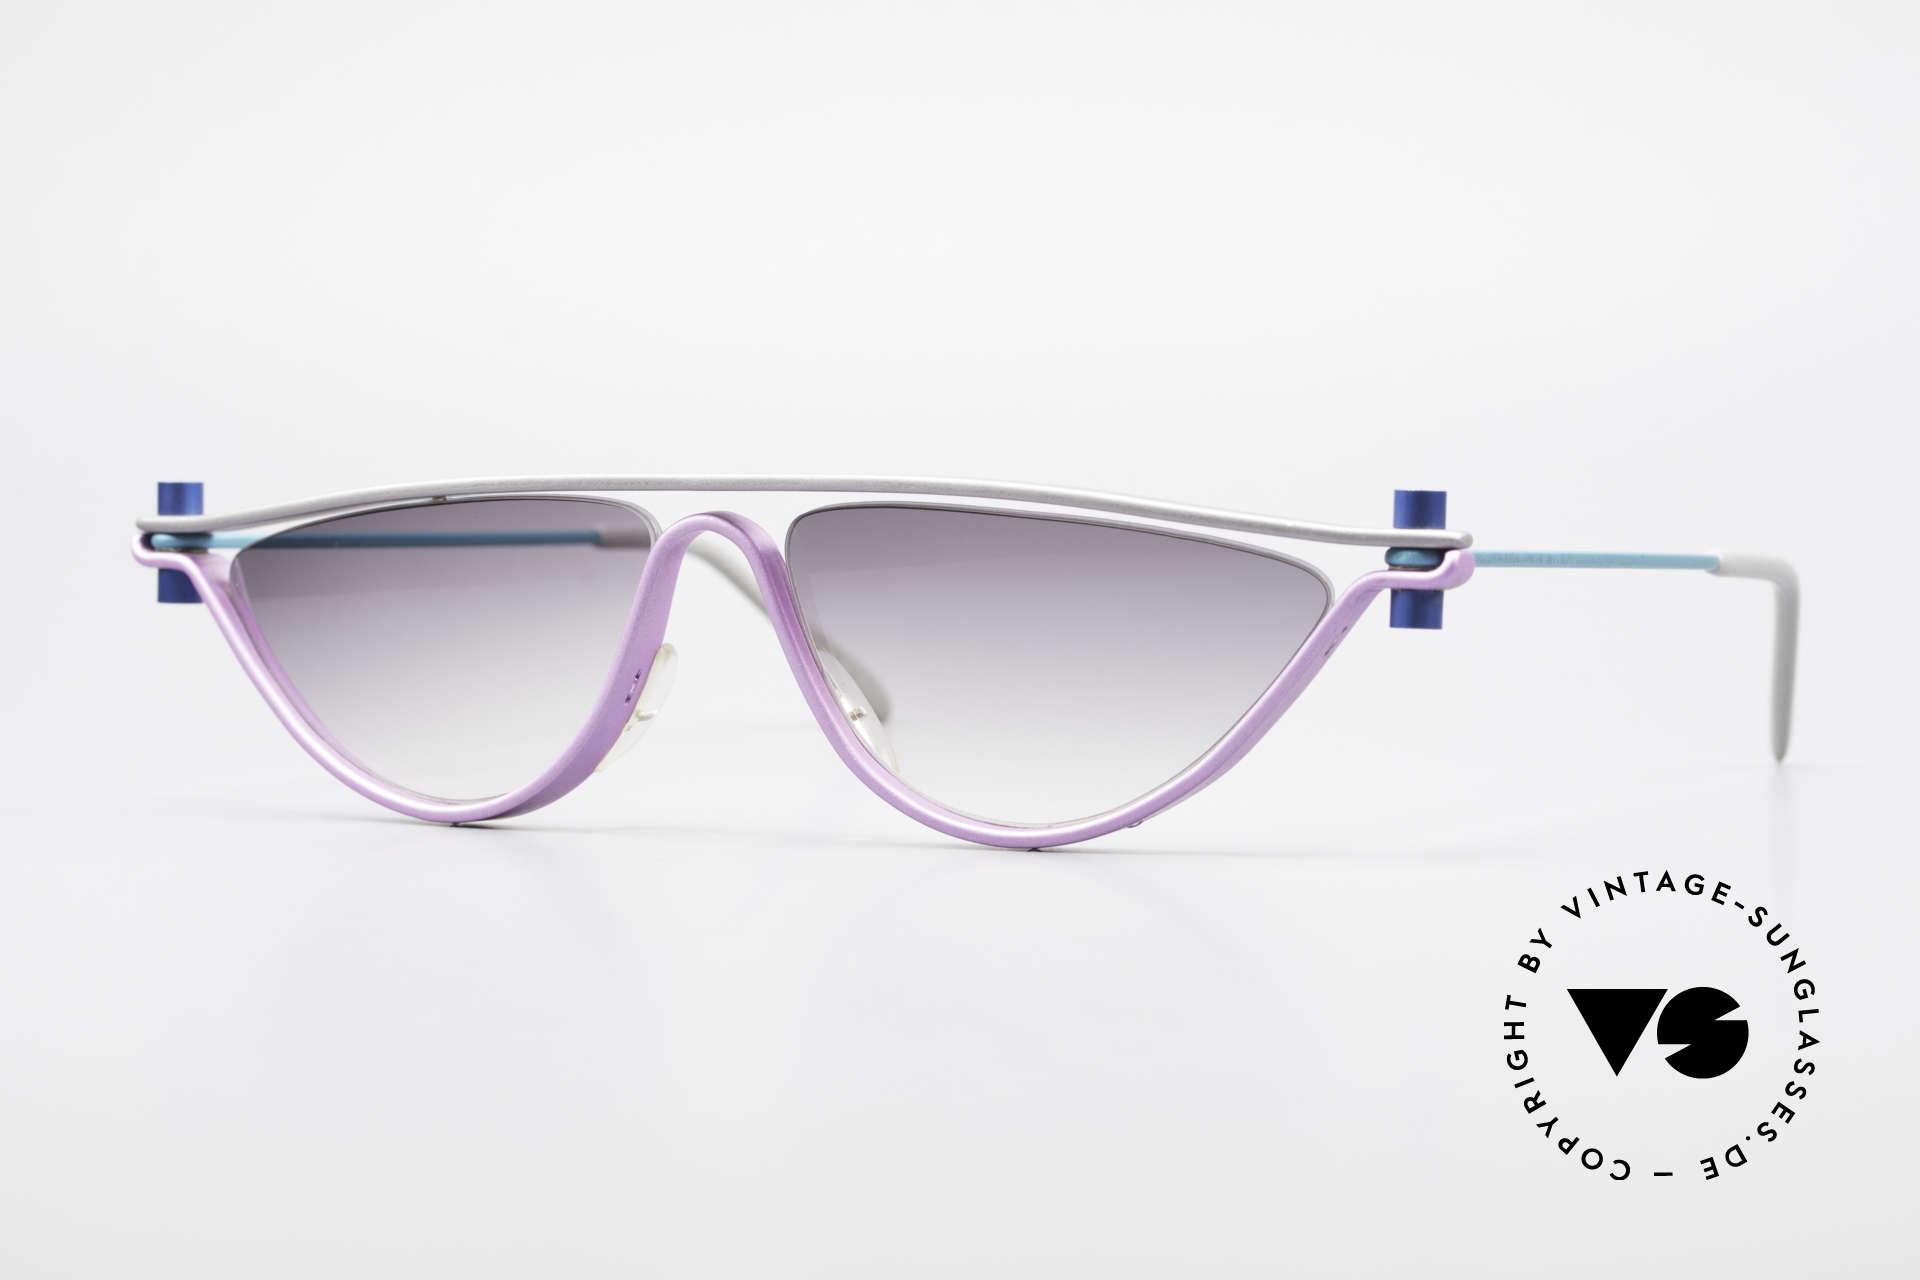 ProDesign No6 90er Vintage Filmsonnenbrille, ProDesign N°6 Optic Studio Denmark Sonnenbrille, Passend für Damen